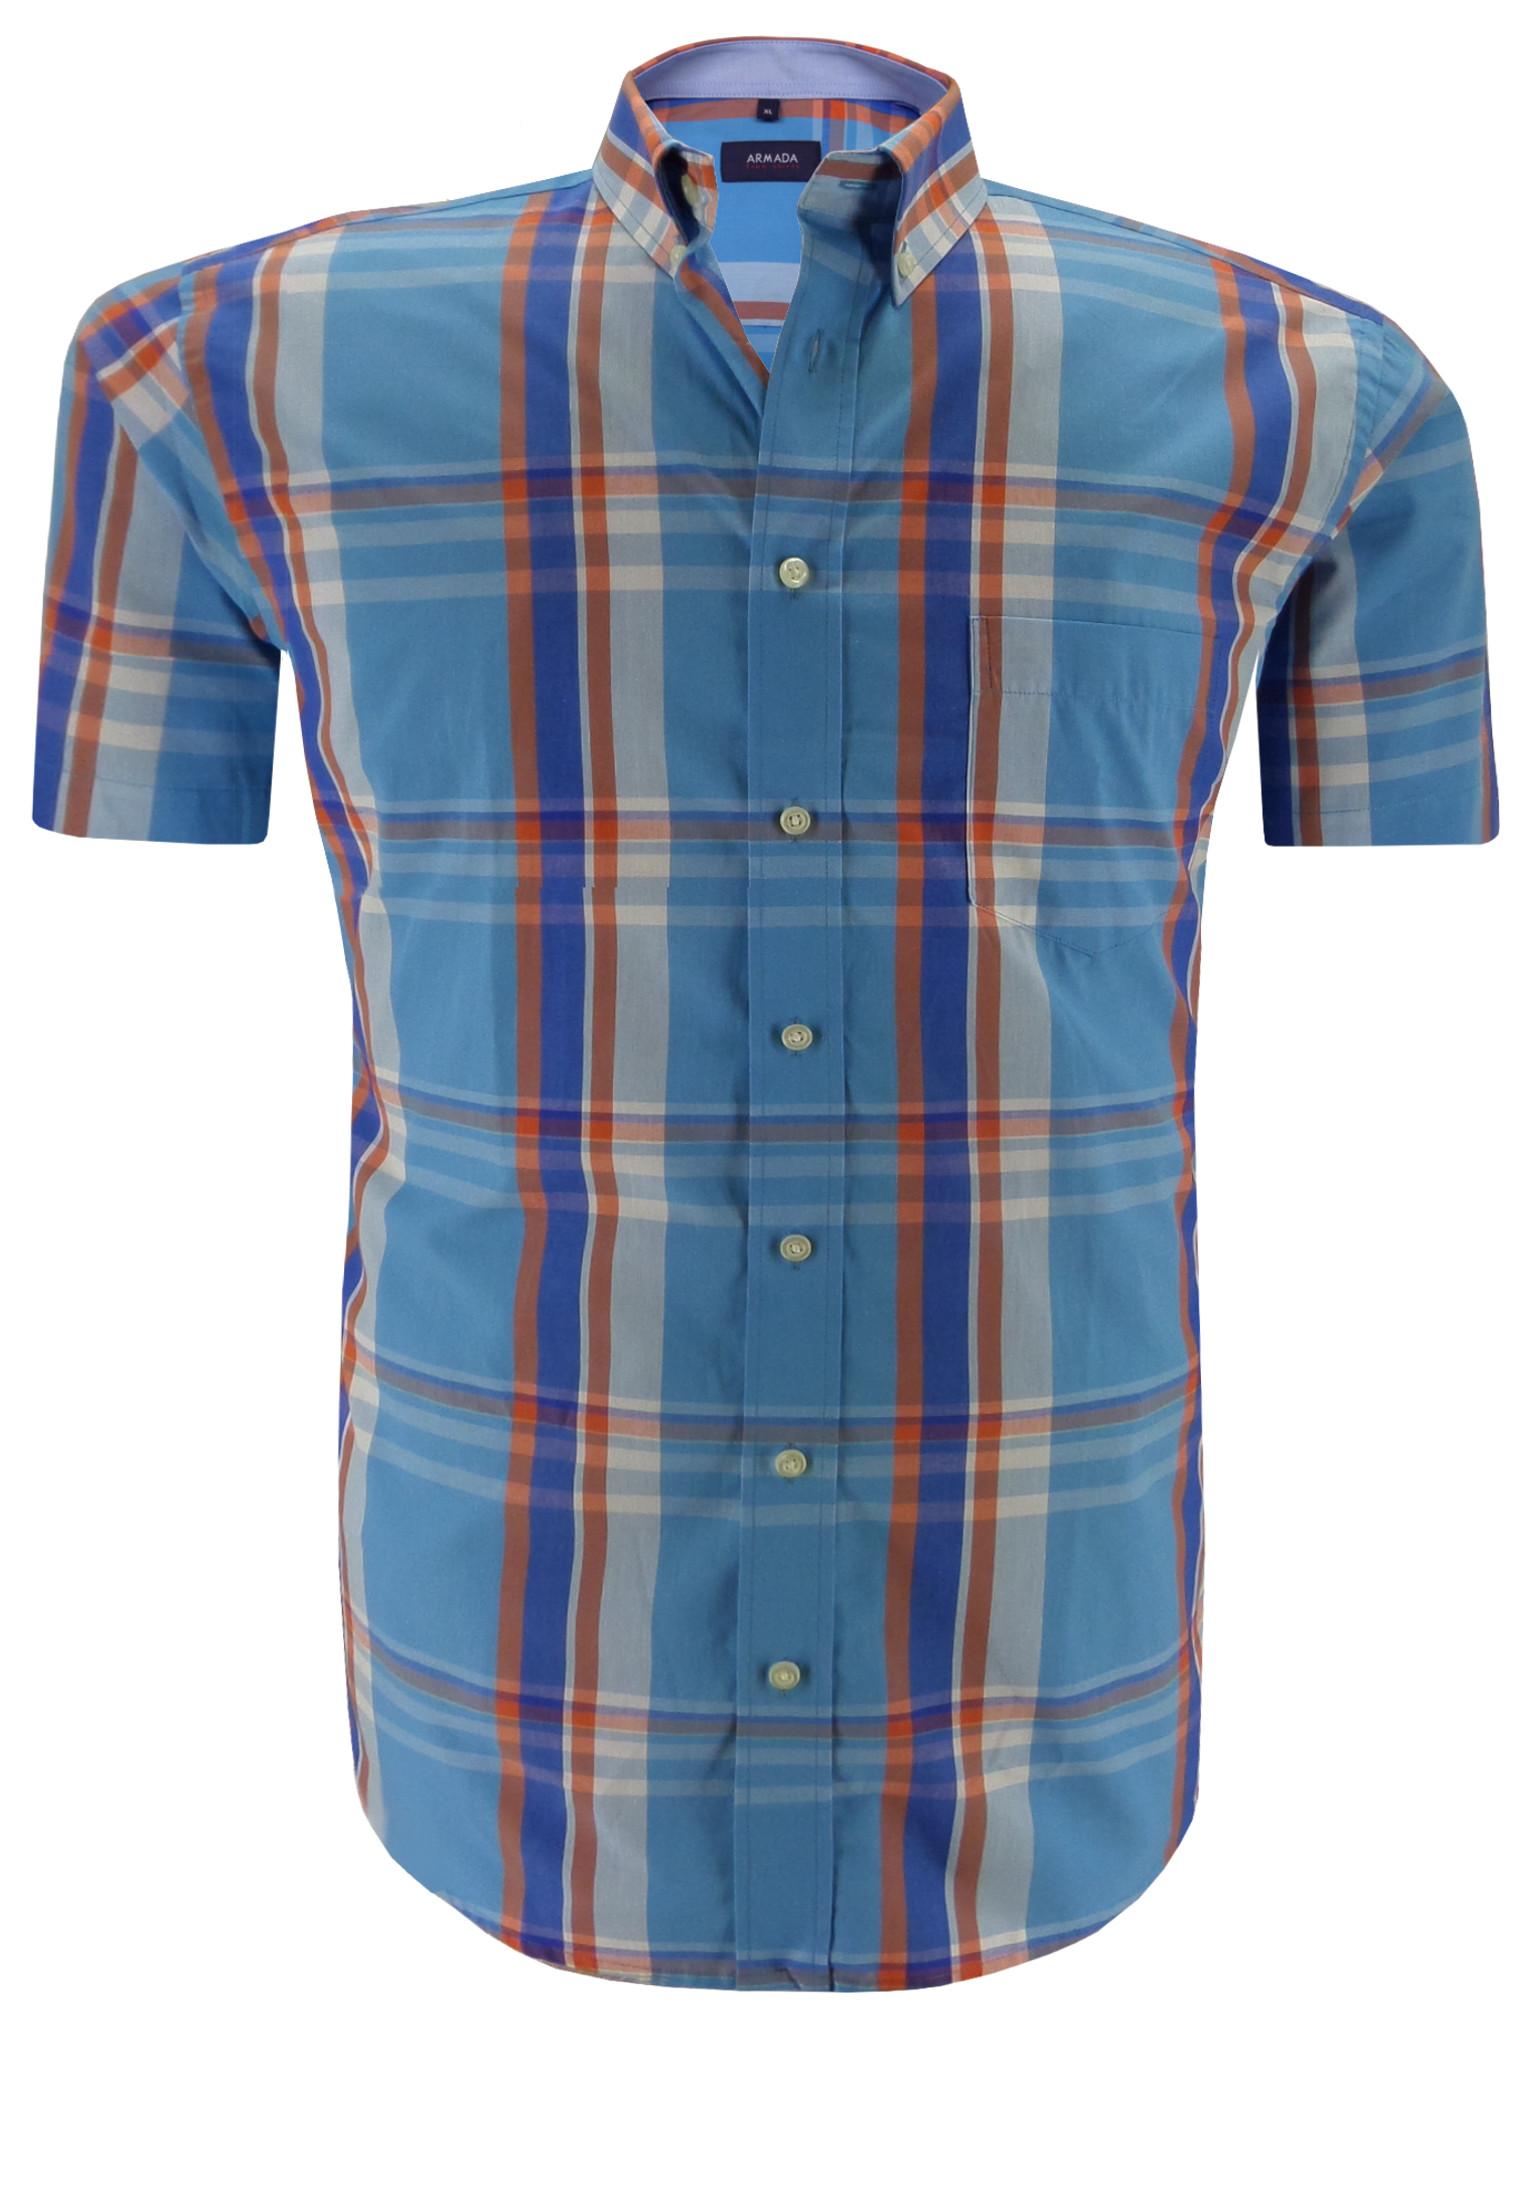 Klassiek, kleurrijk, geruit overhemd van het merk Armada, met een open borstzakje op de linker borst, een buttondown kraag en een effen stof in de binnenkraag.Het overhemd is rond afgezoomd.